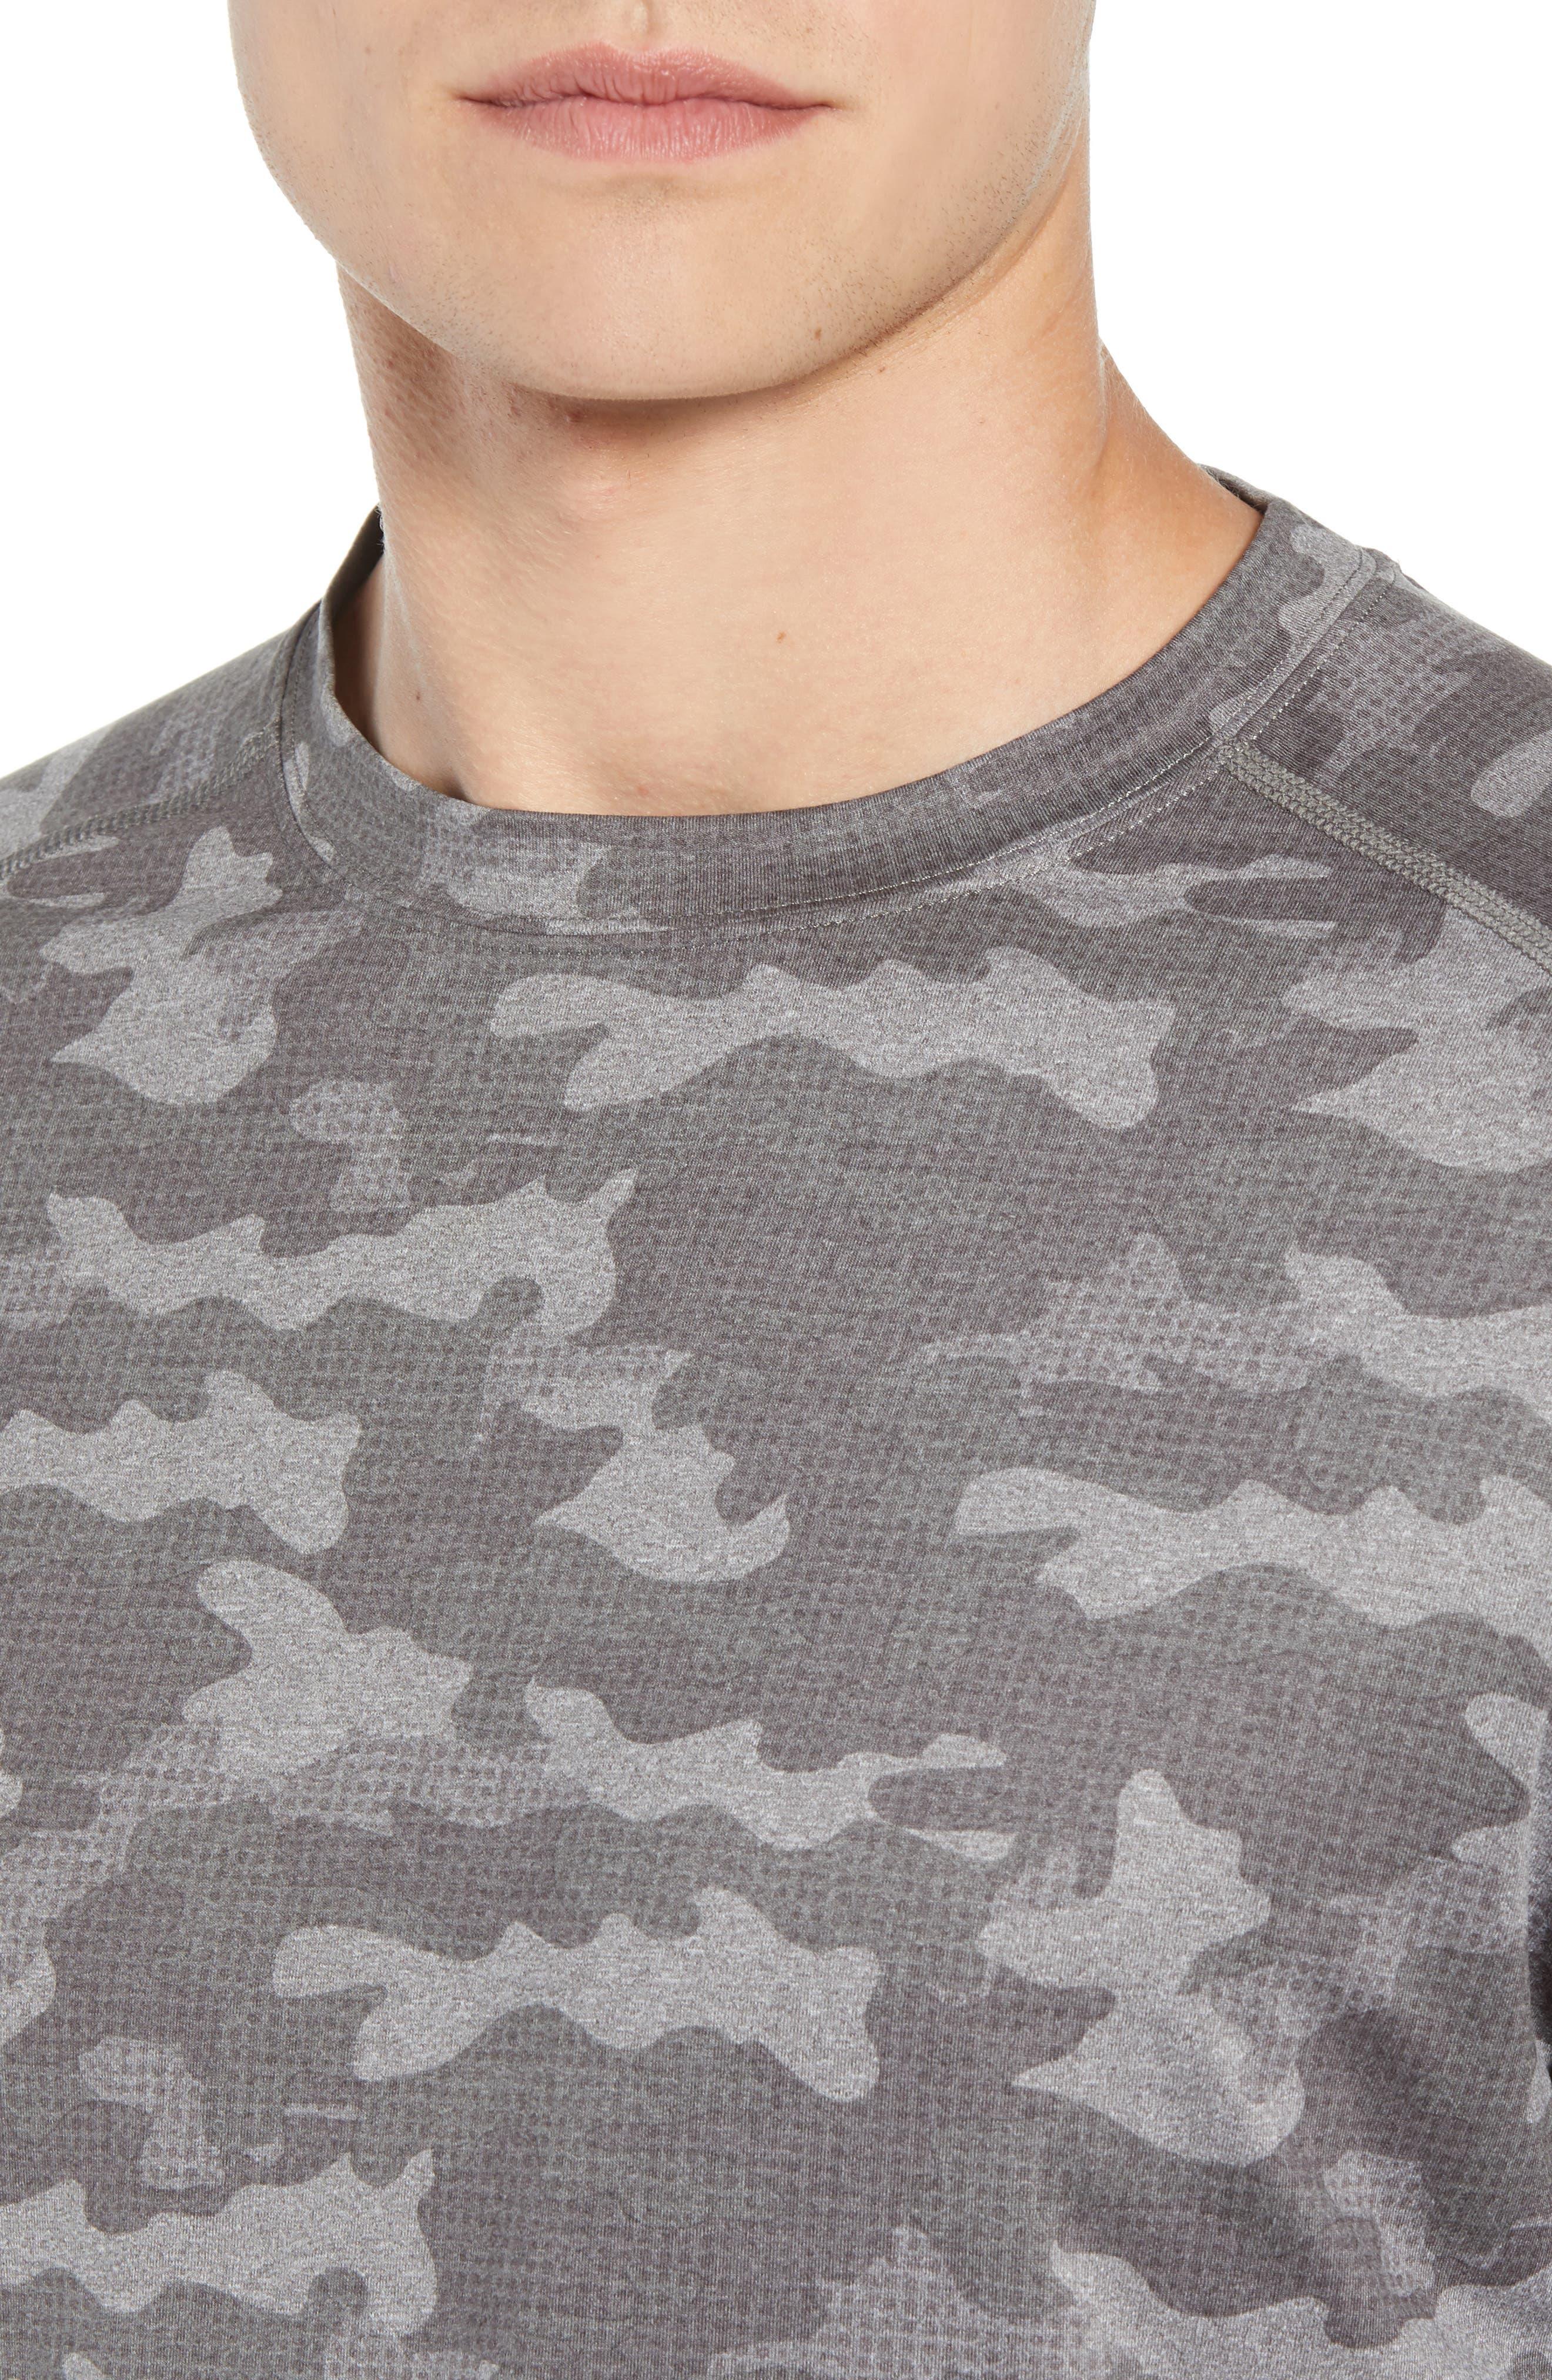 Rio Camo Tech T-Shirt,                             Alternate thumbnail 4, color,                             GREY